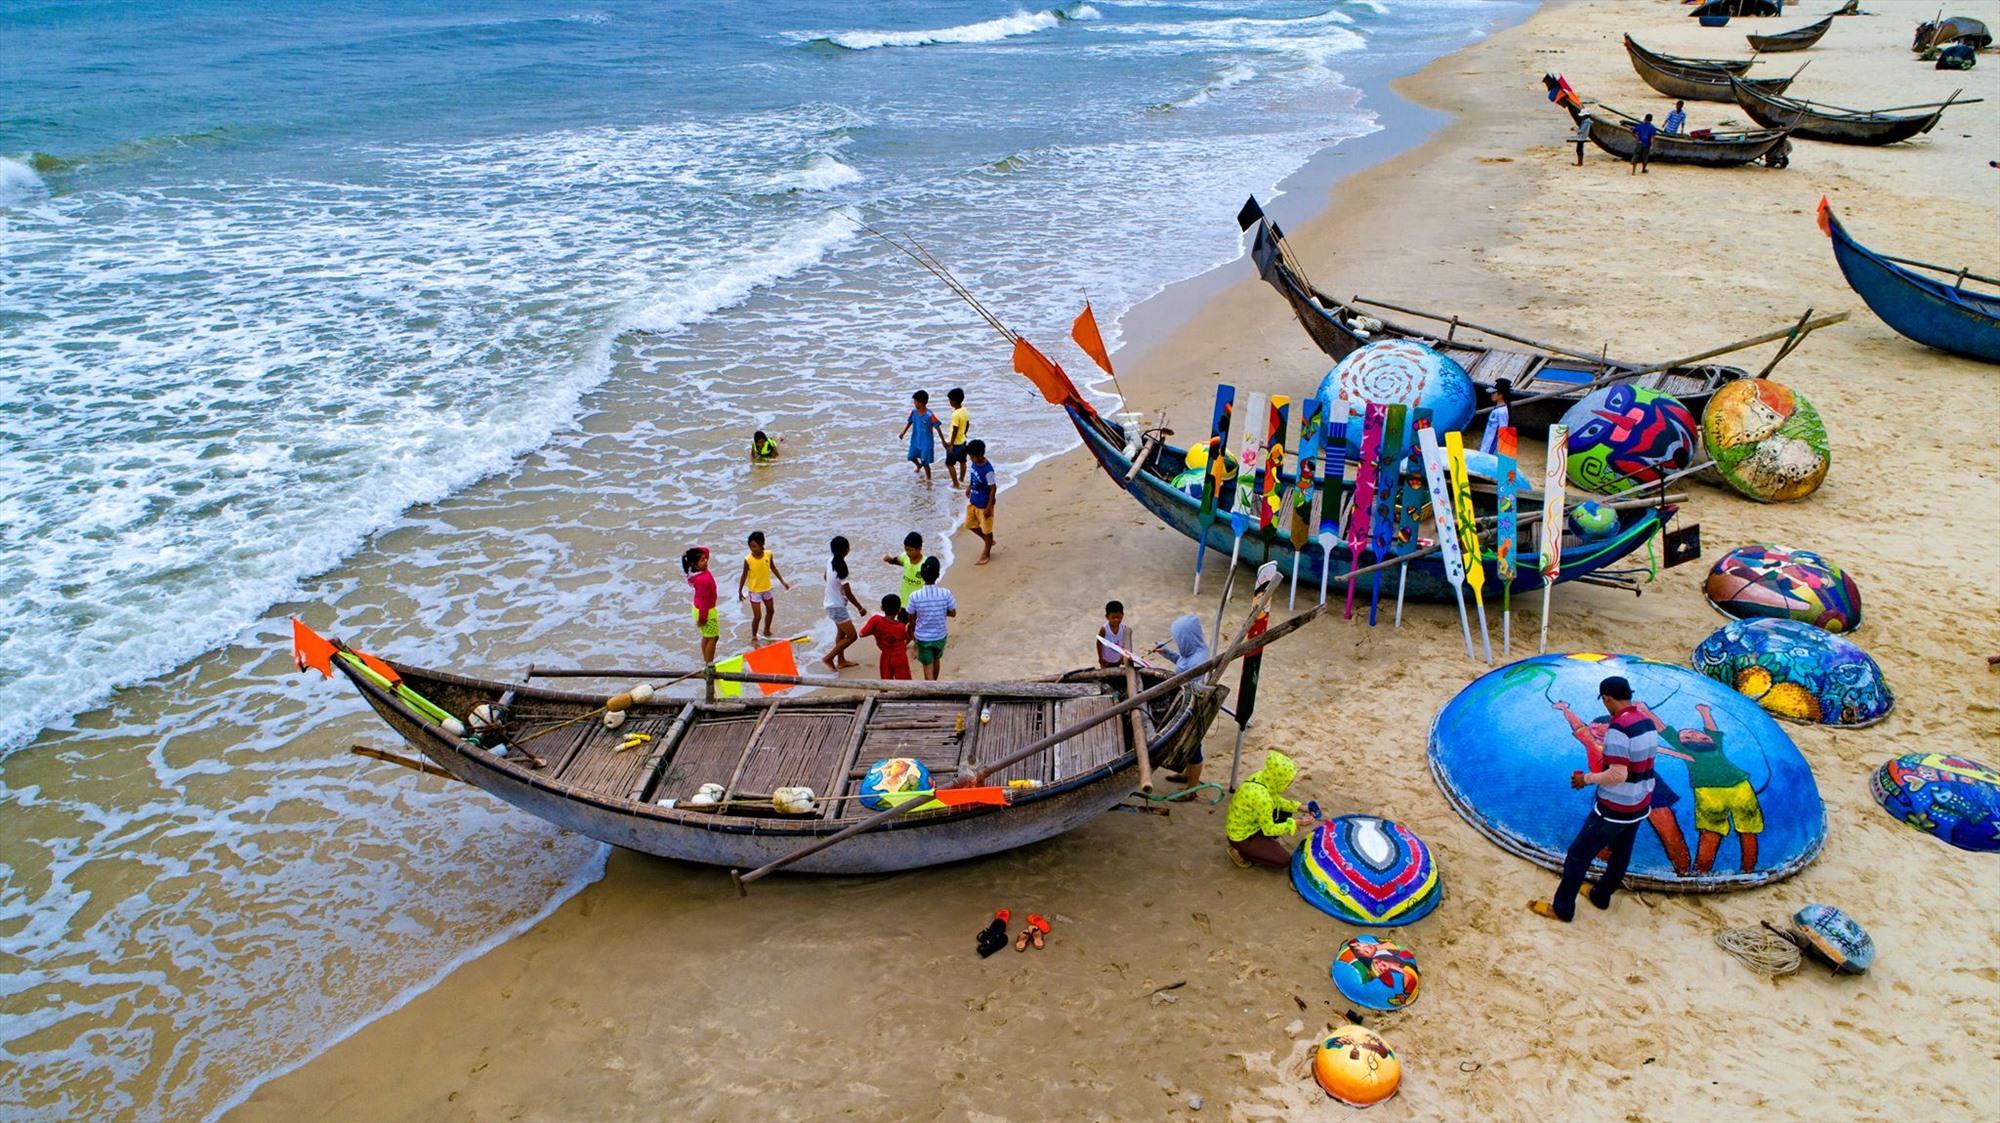 Nghị quyết phát triển sự nghiệp văn hóa nếu được ban hành sẽ là cú hích làm thay đổi diện mạo của văn hóa Quảng Nam. Ảnh: X.H